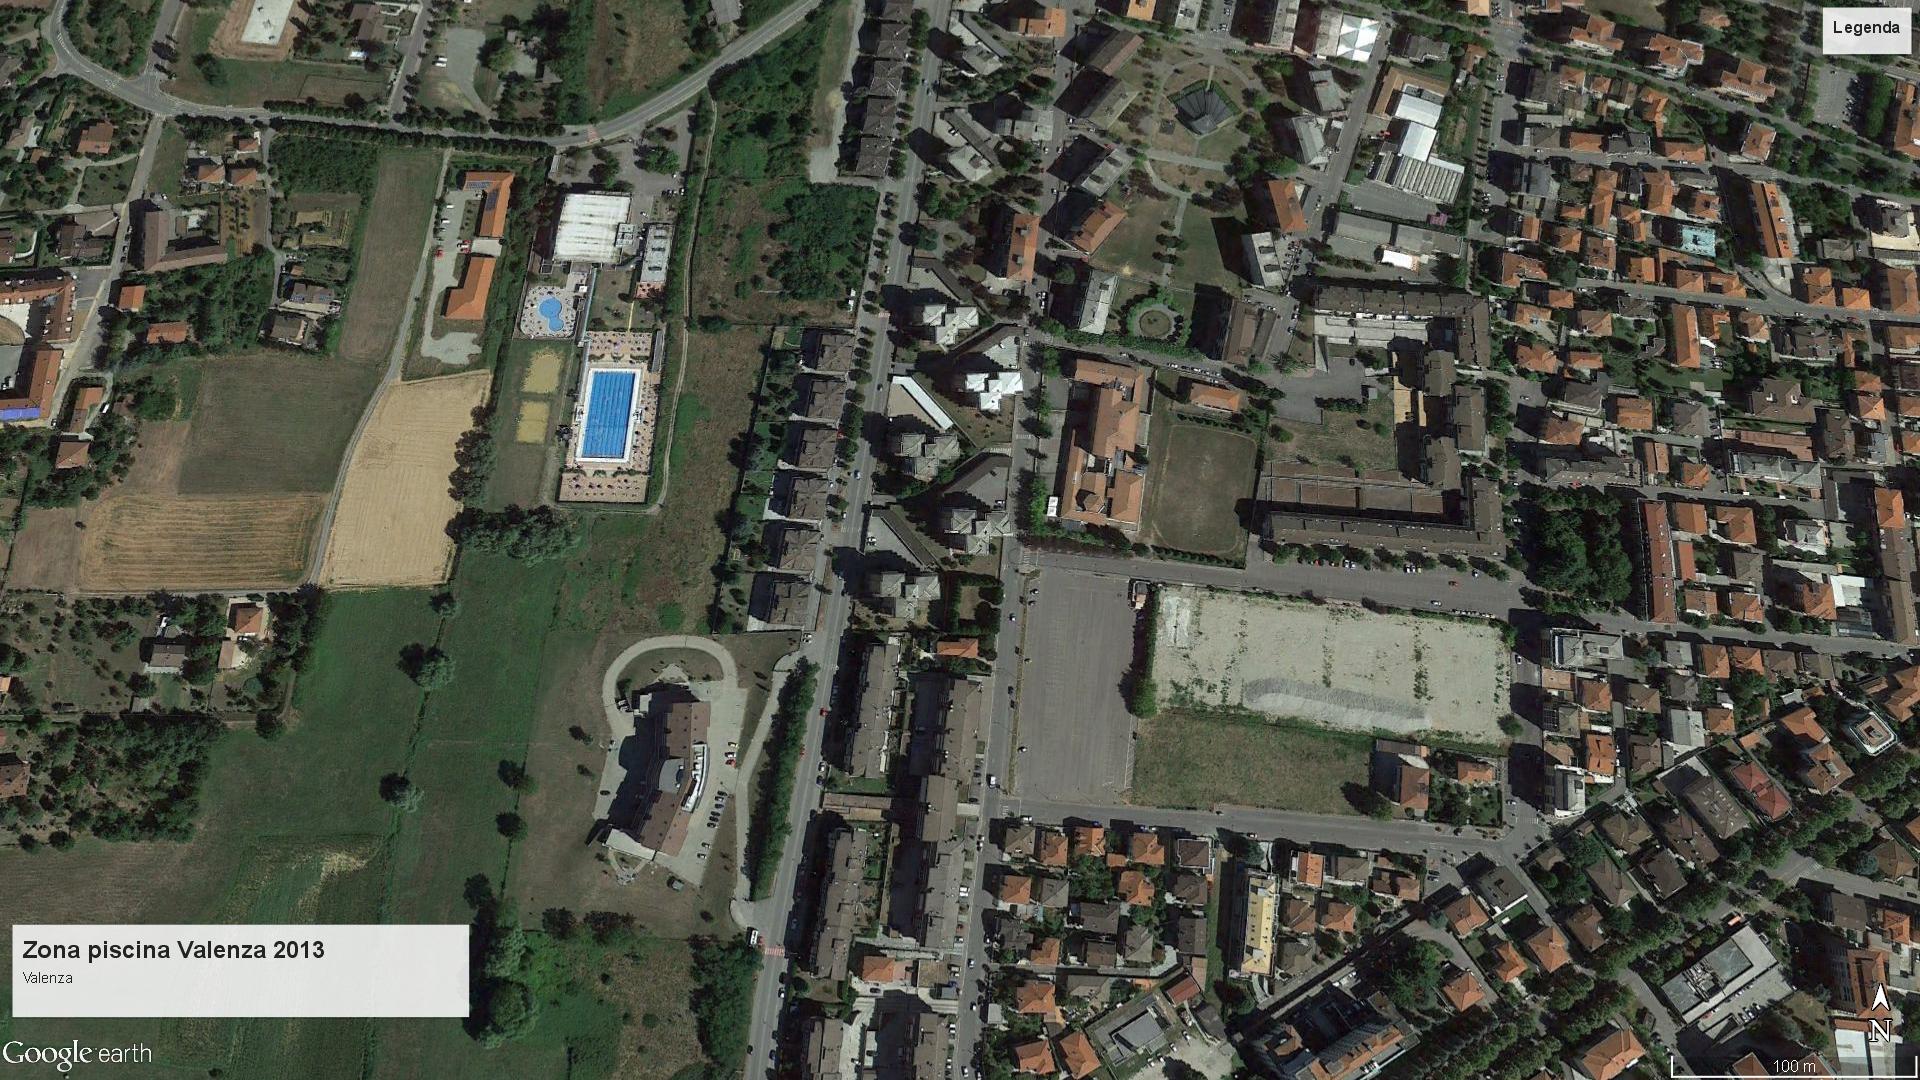 Valenza zona piscina 2013